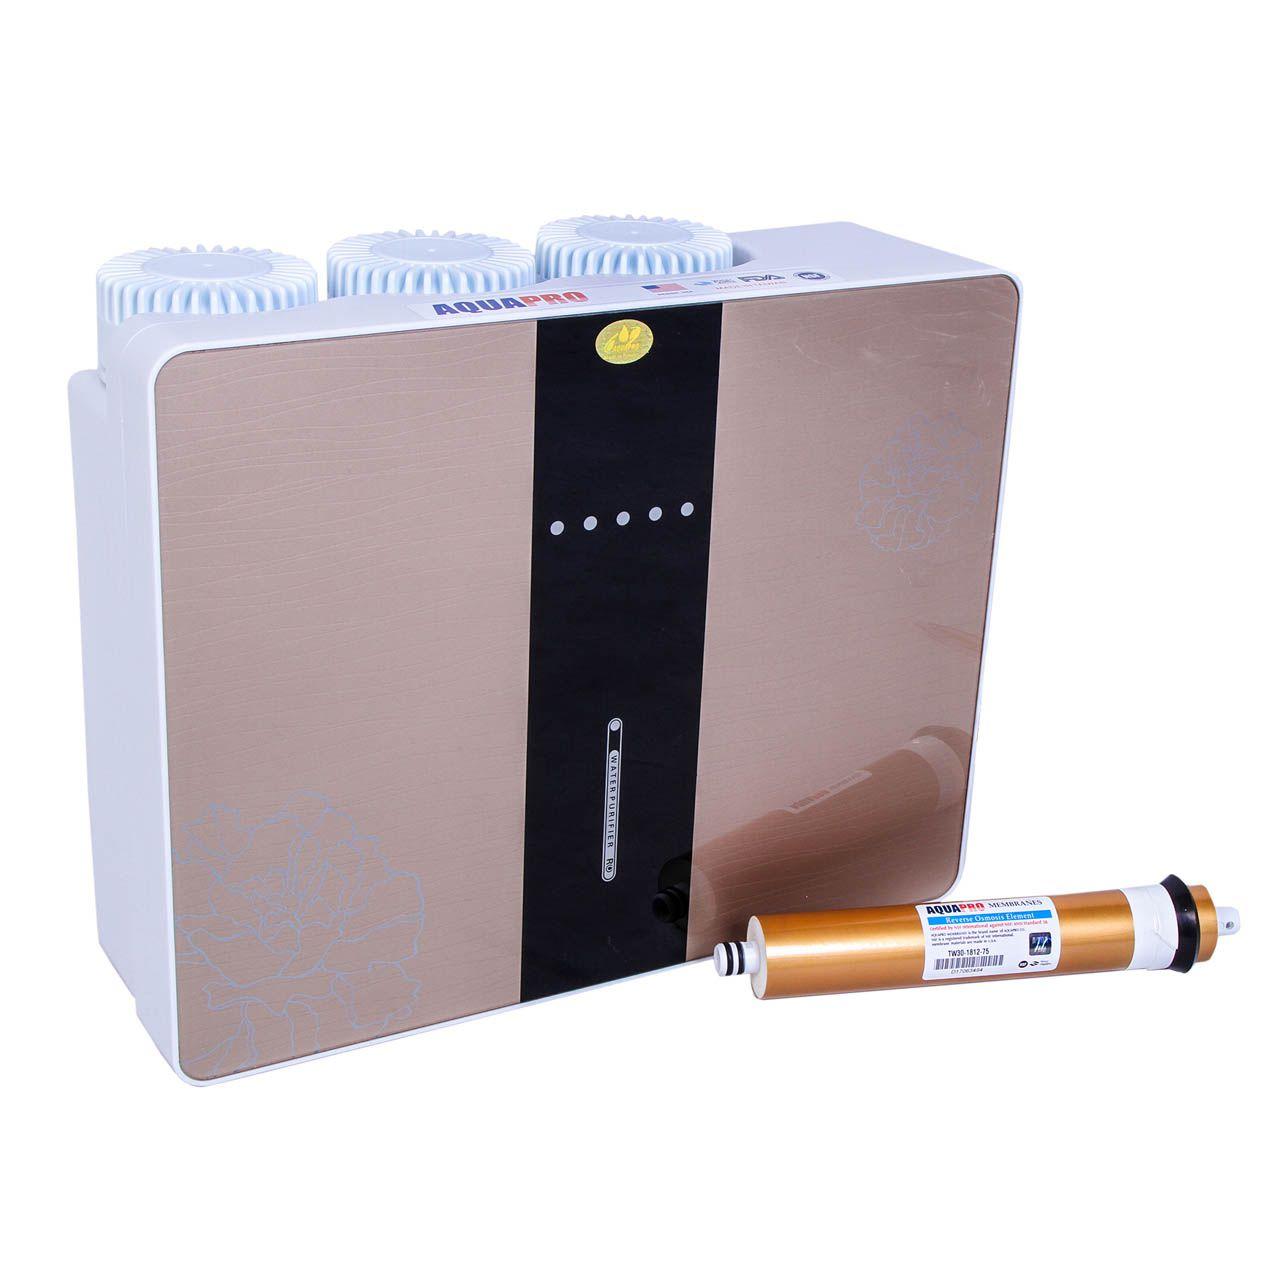 دستگاه تصفیه آب خانگی Aqua Pro مدل کیسی